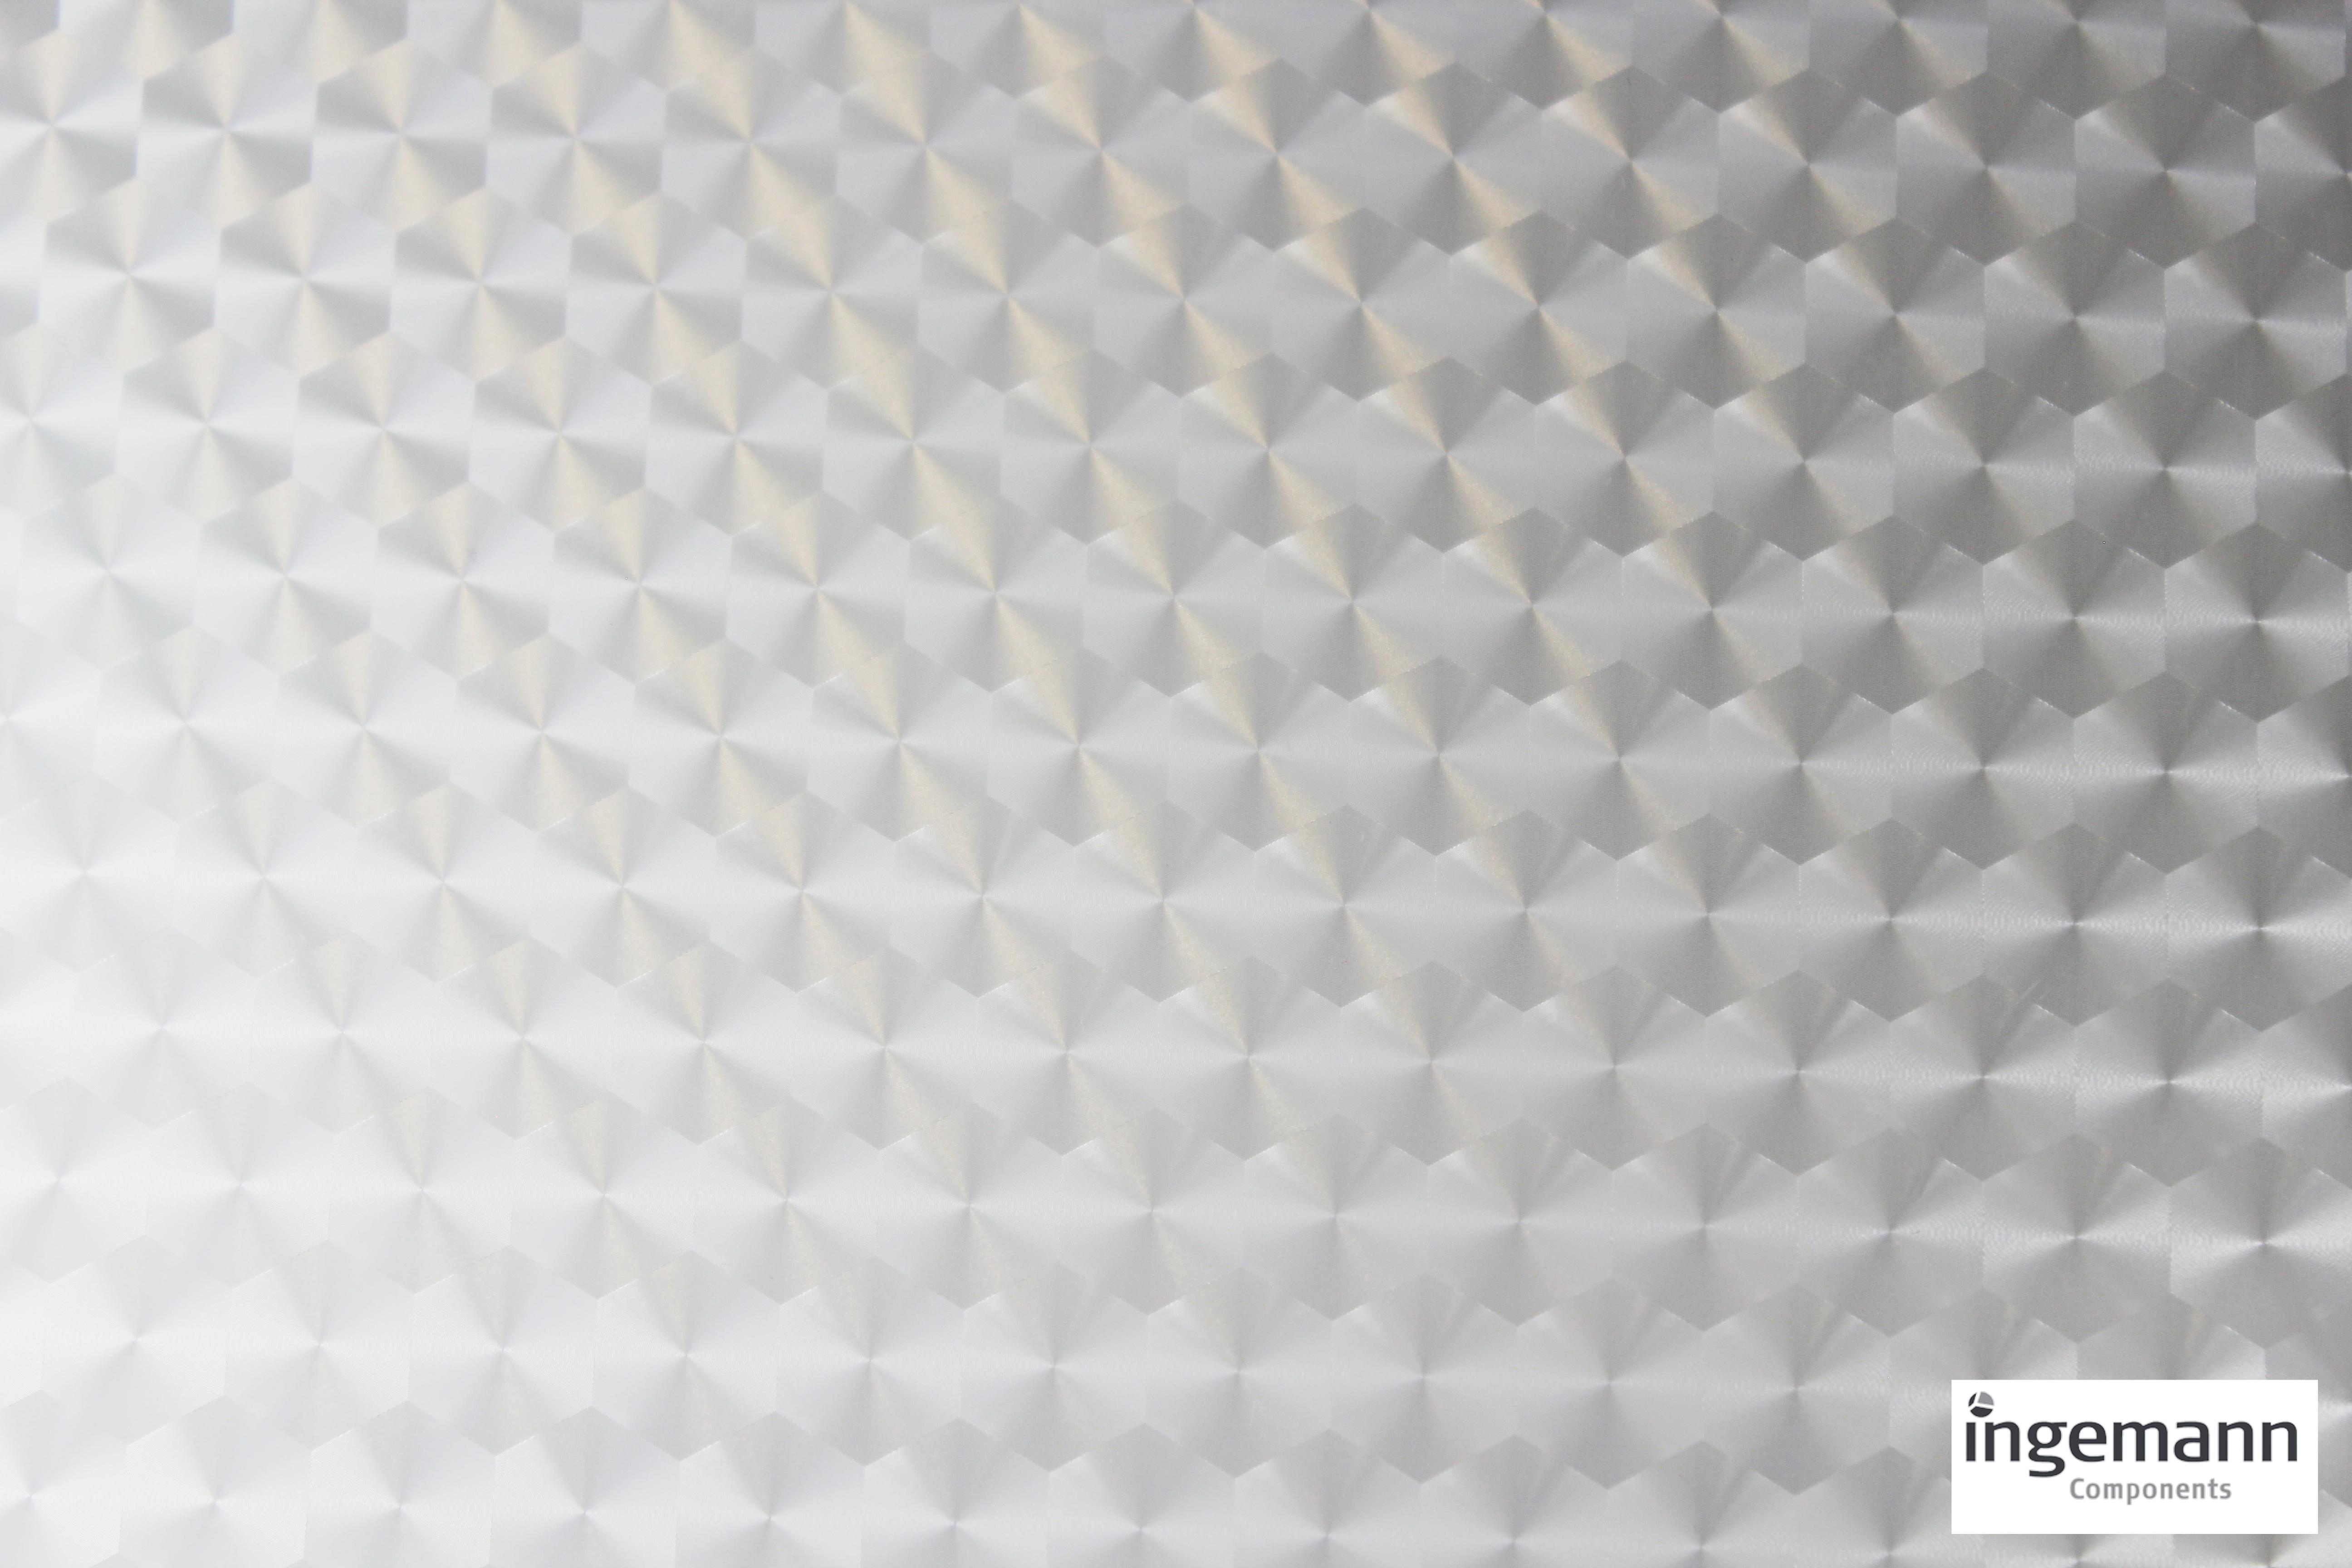 Bright View G Series - Ingemann Components